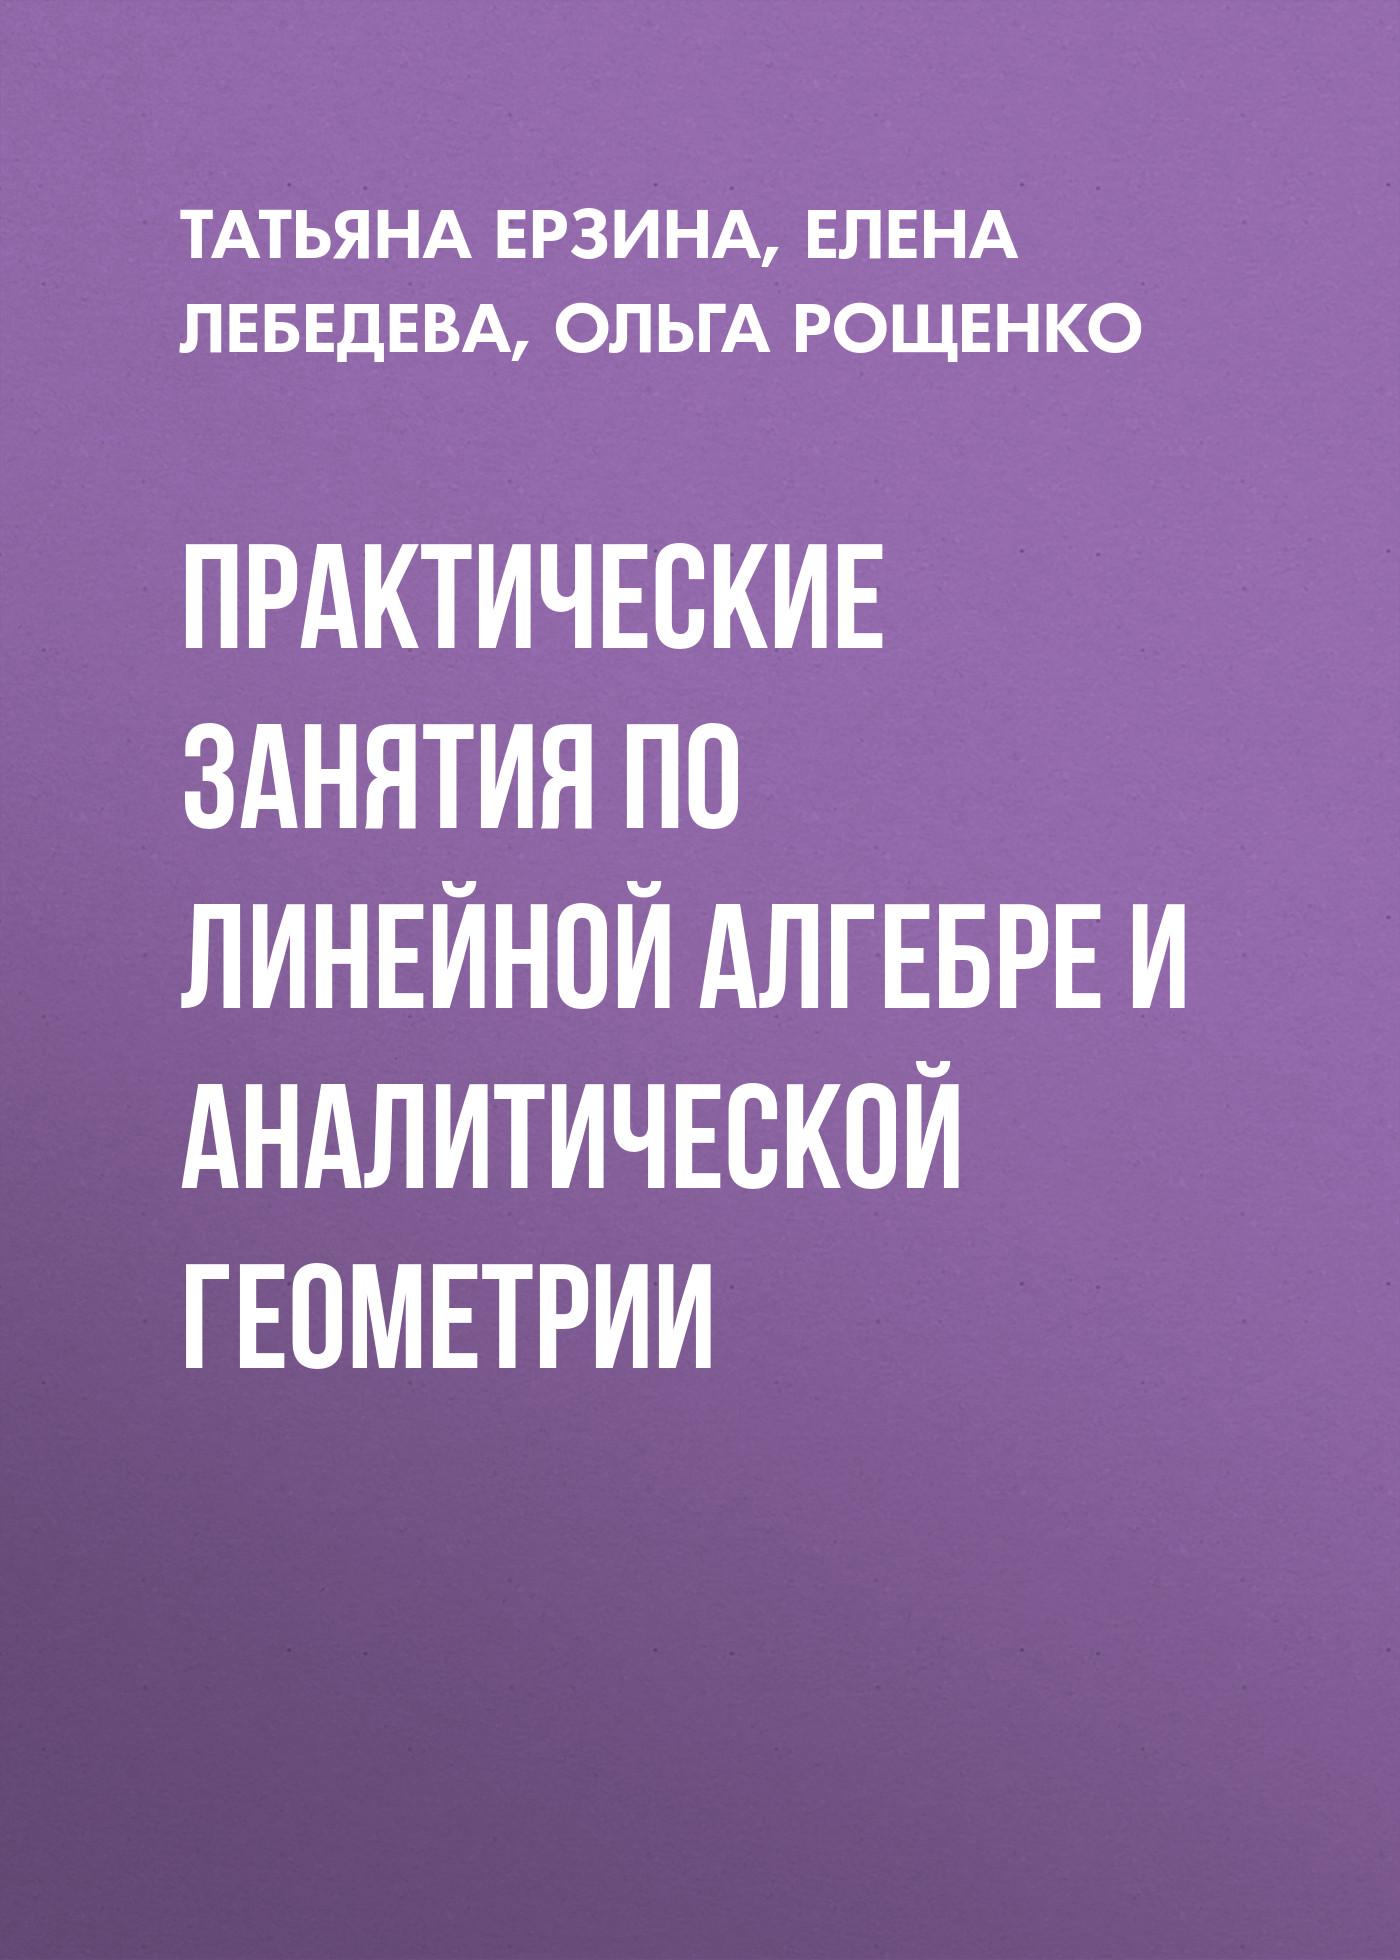 Татьяна Ерзина Практические занятия по линейной алгебре и аналитической геометрии сборник сборник задач по аналитической геометрии и линейной алгебре